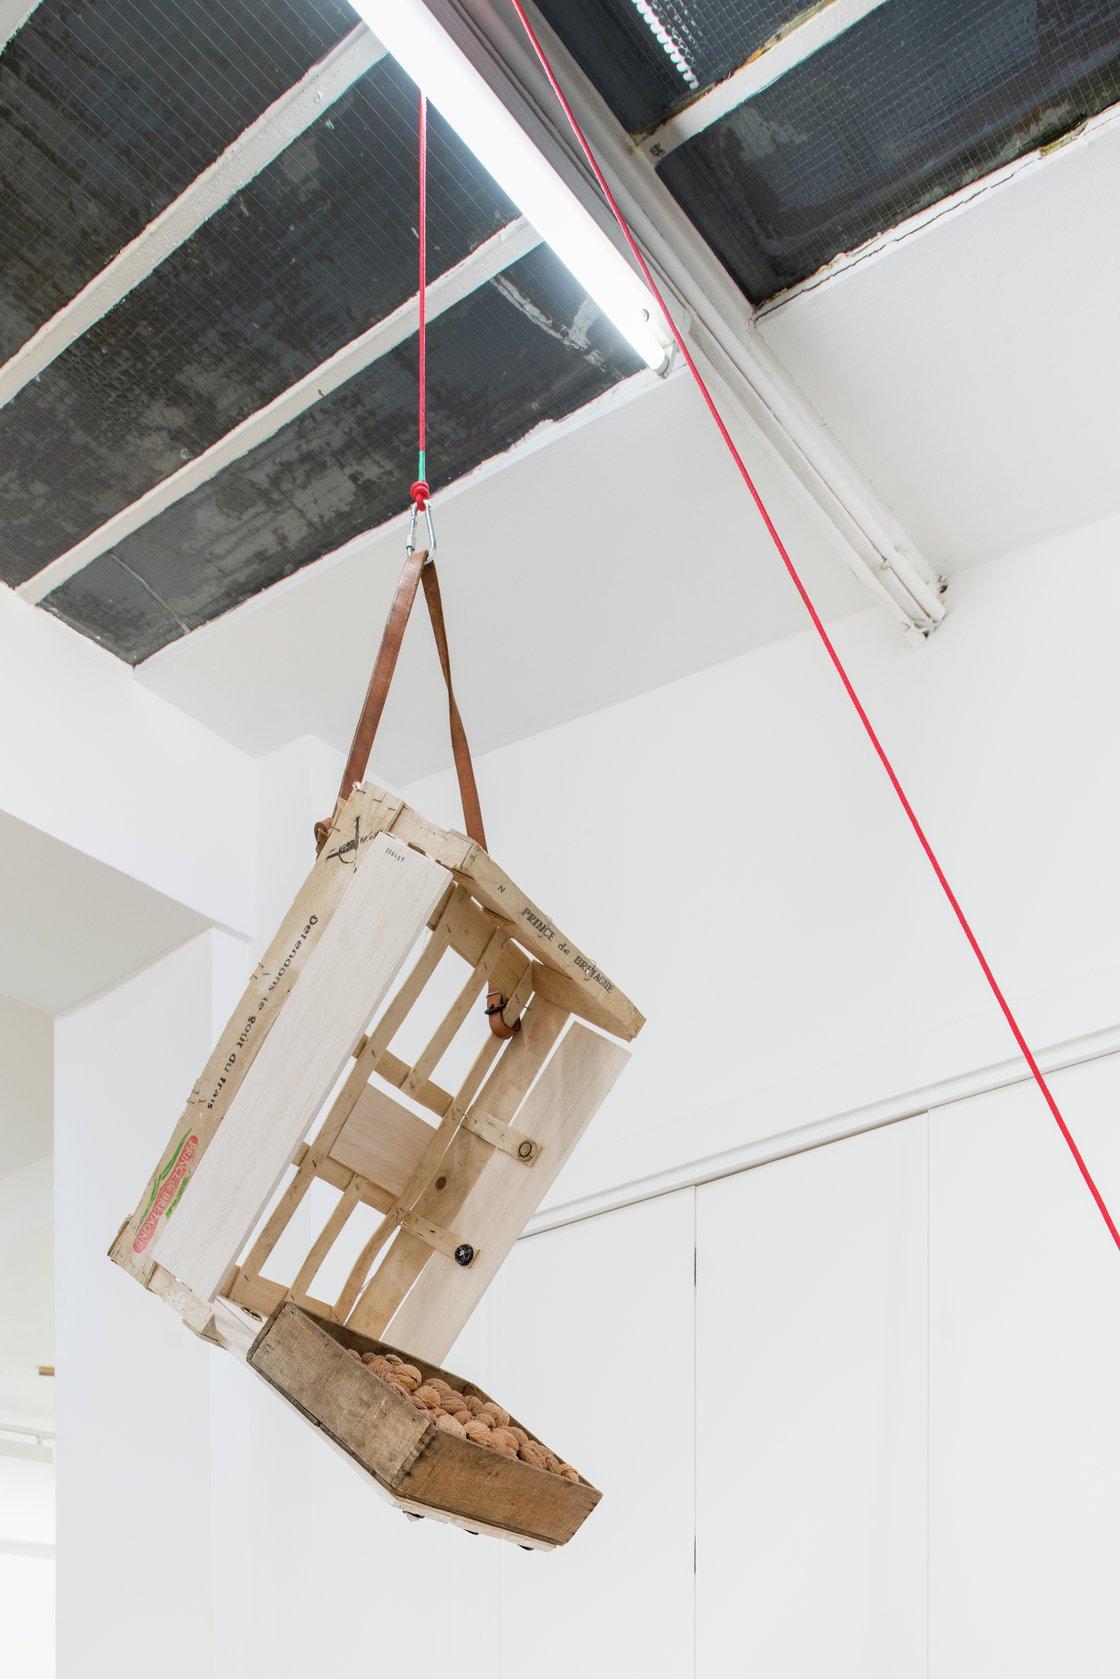 Abraham Cruzvillegas, Untitled portable sculpture (La Señora de Las Nueces) 9, 2020-2021